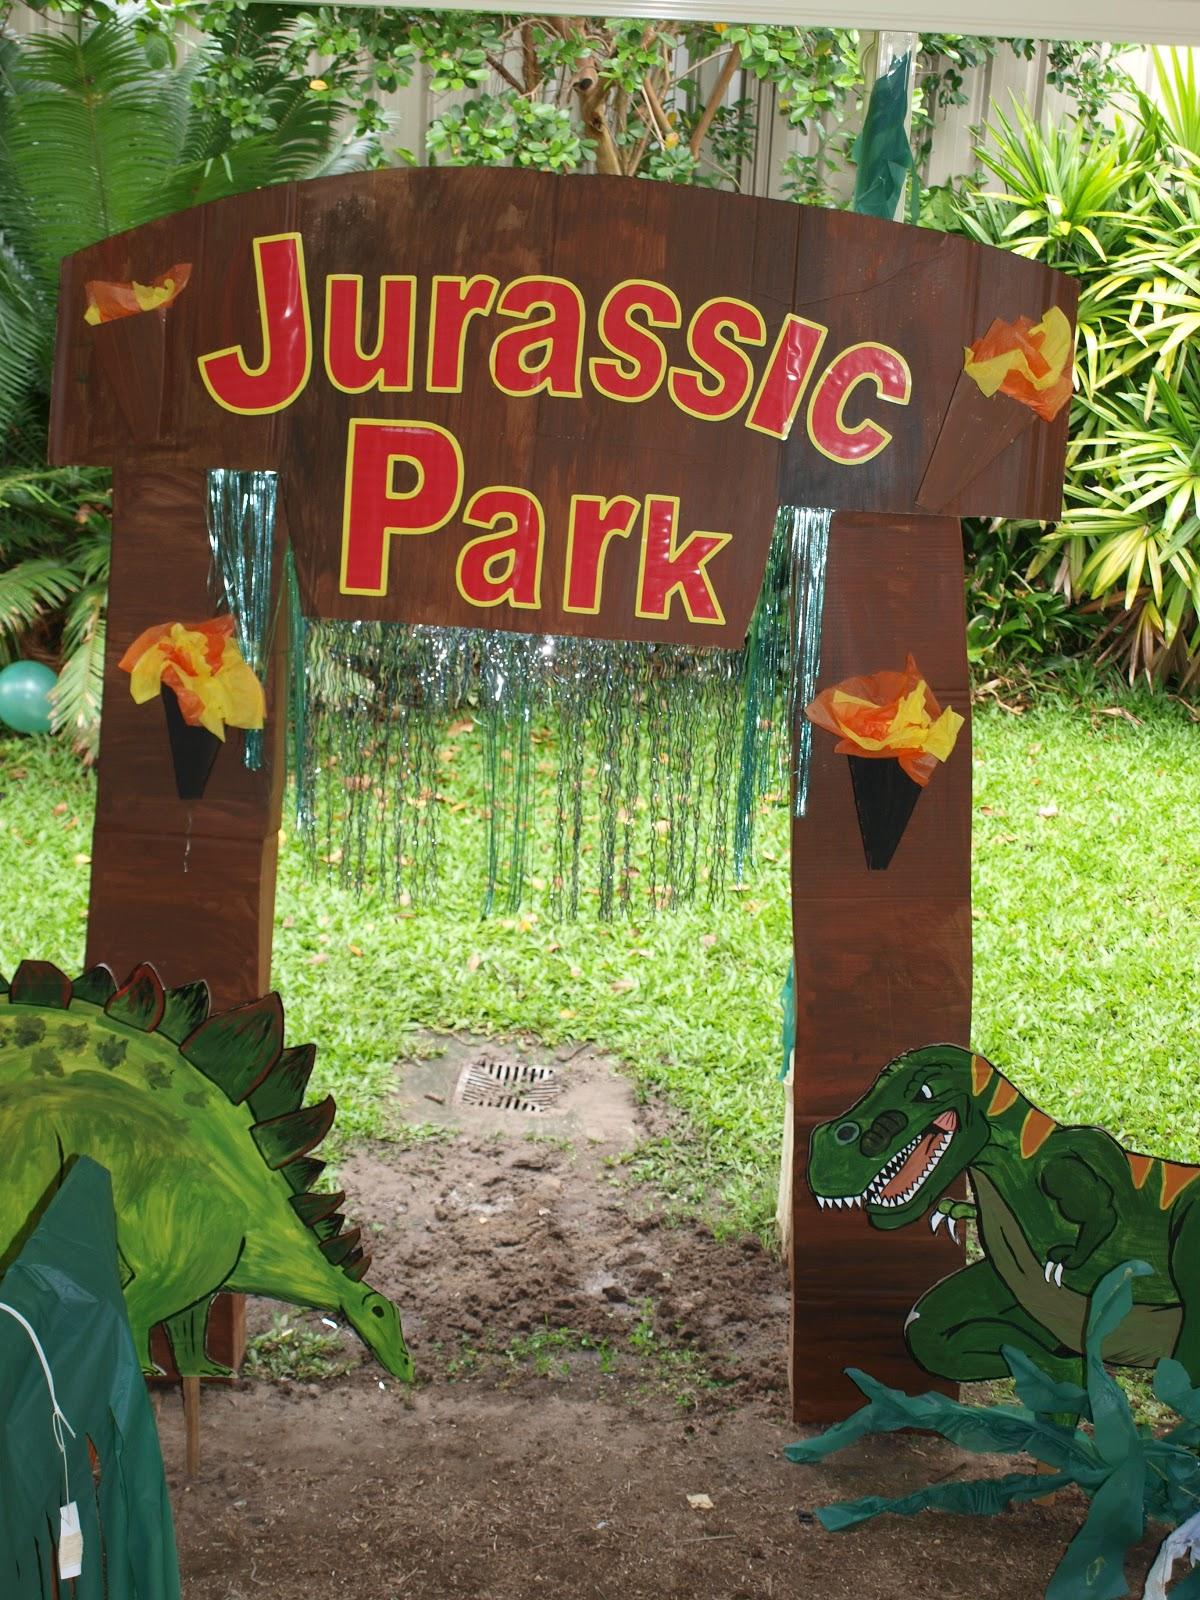 Forever busy mum dinosaur birthday party - Dinosaure de jurassic park ...